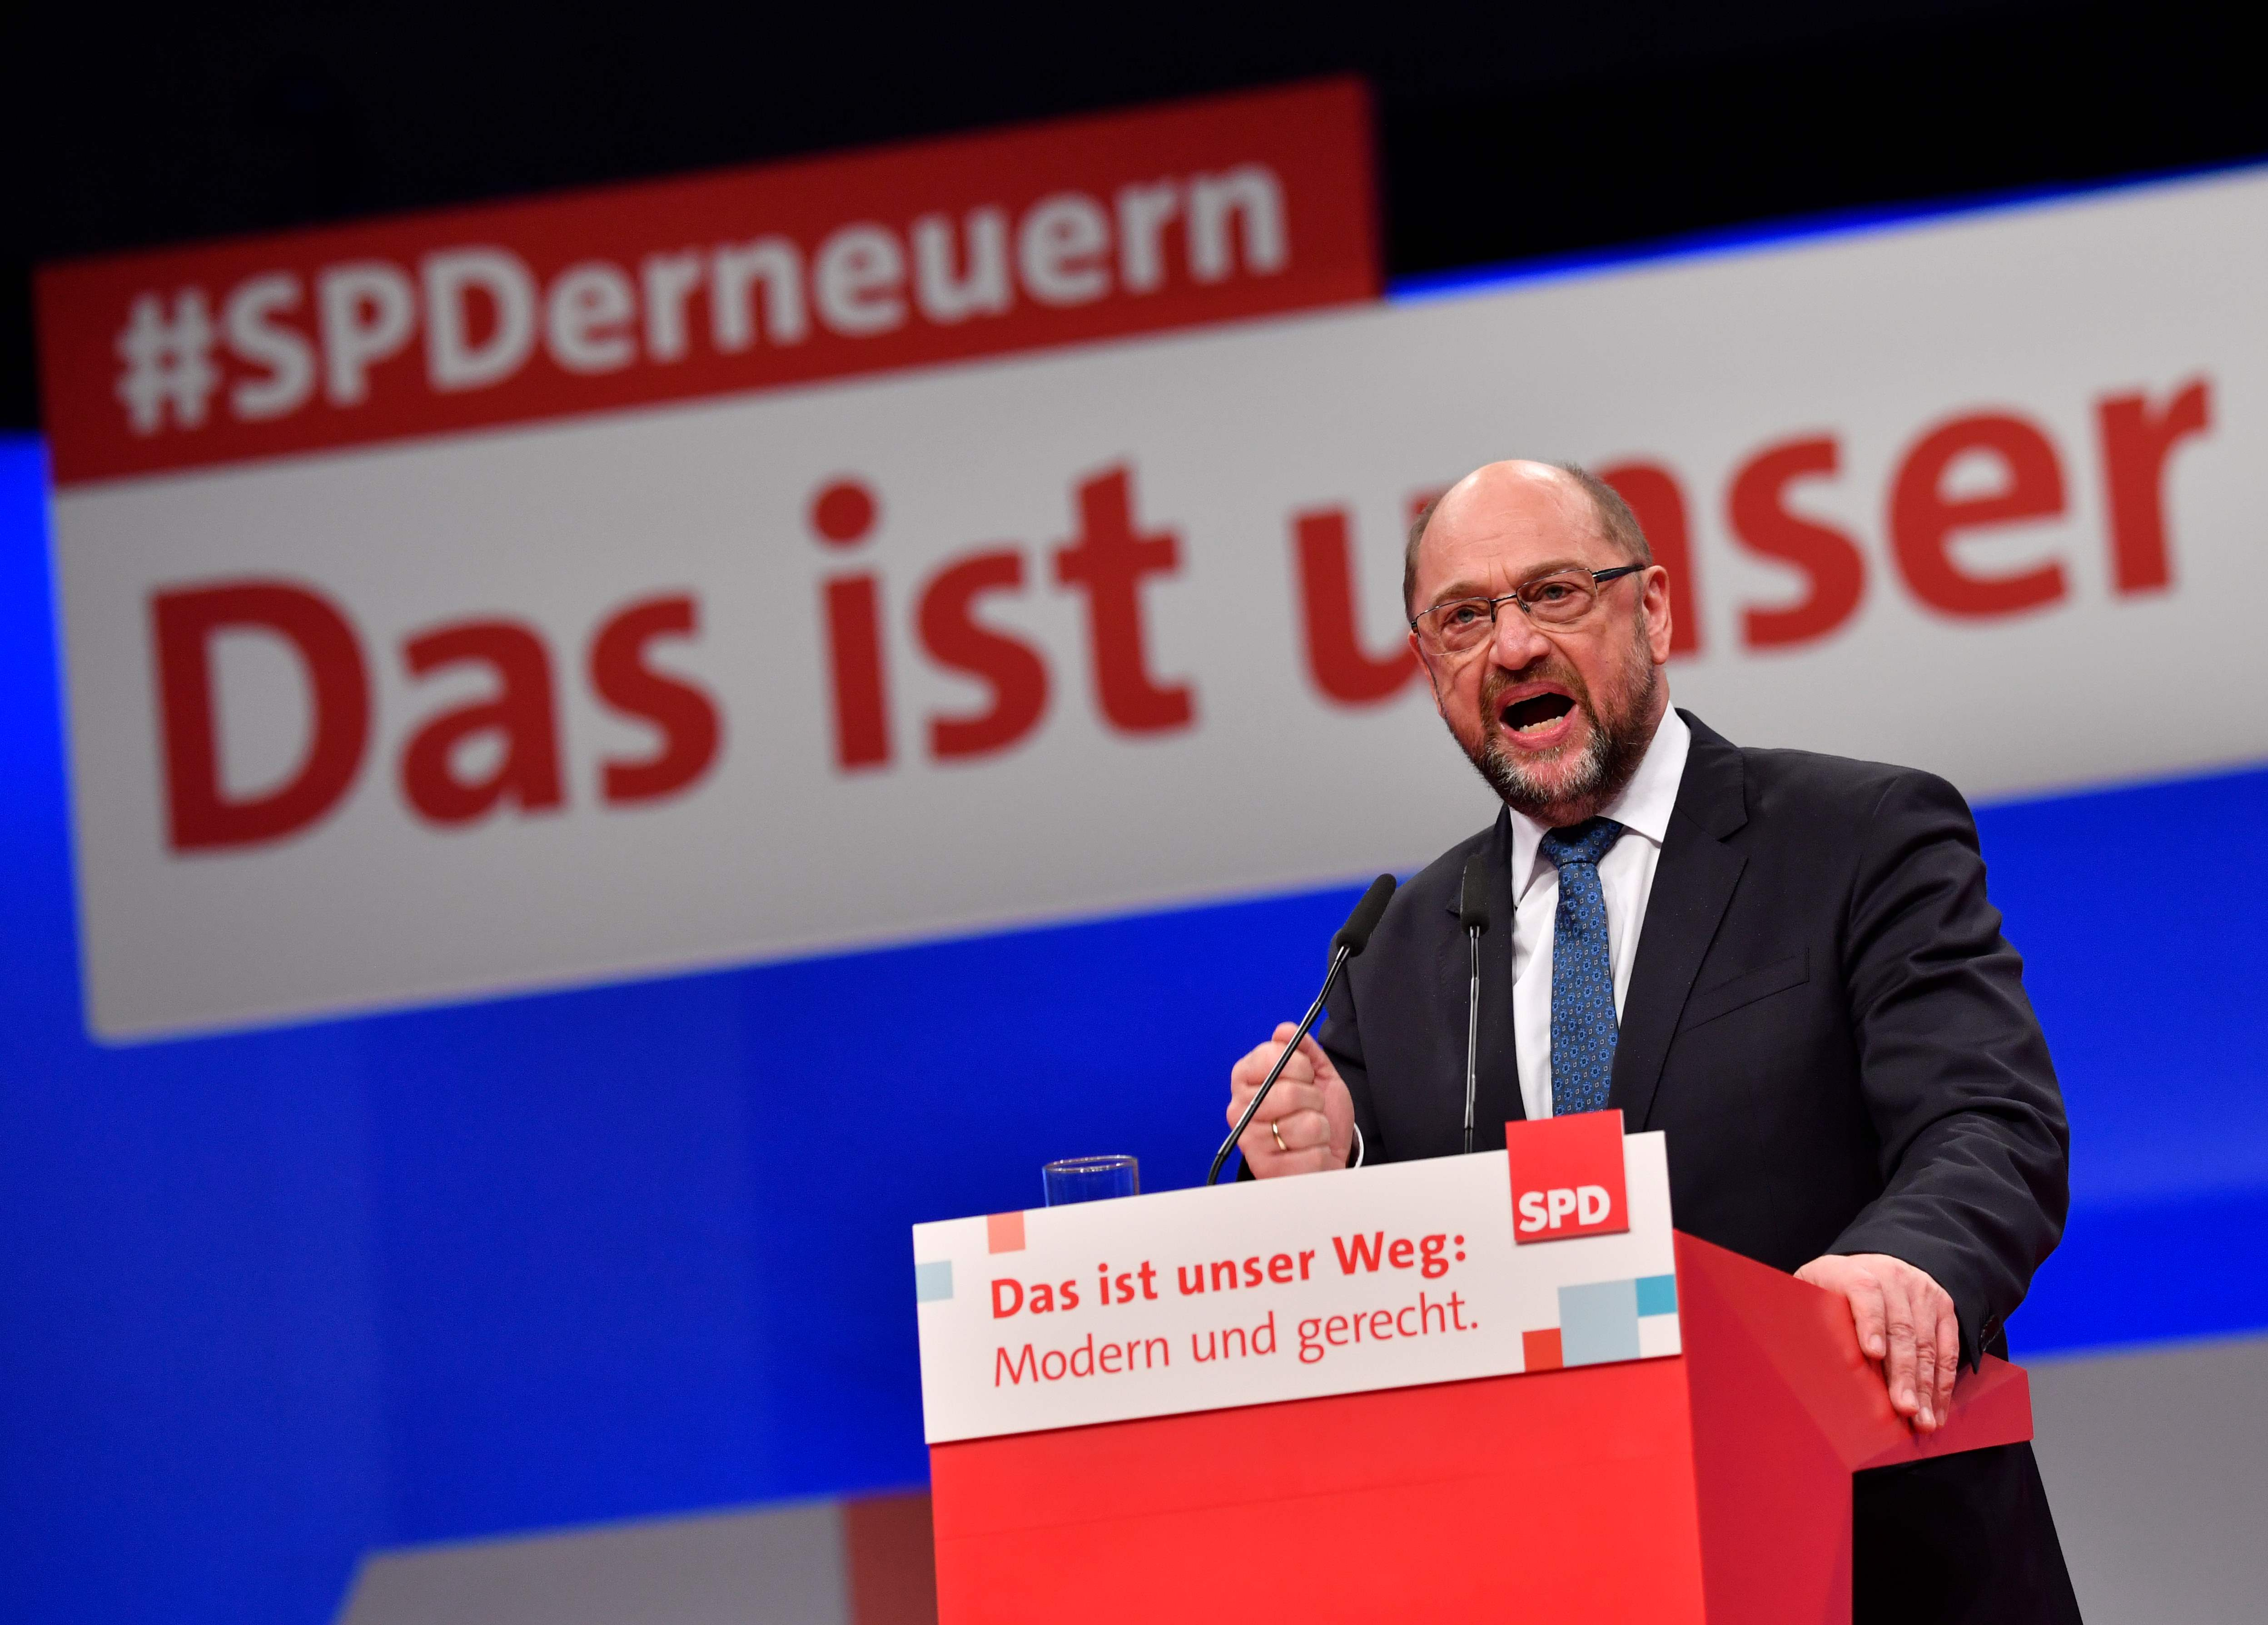 SPD dá autorização a Schulz para negociar coligação em Governo com Merkel